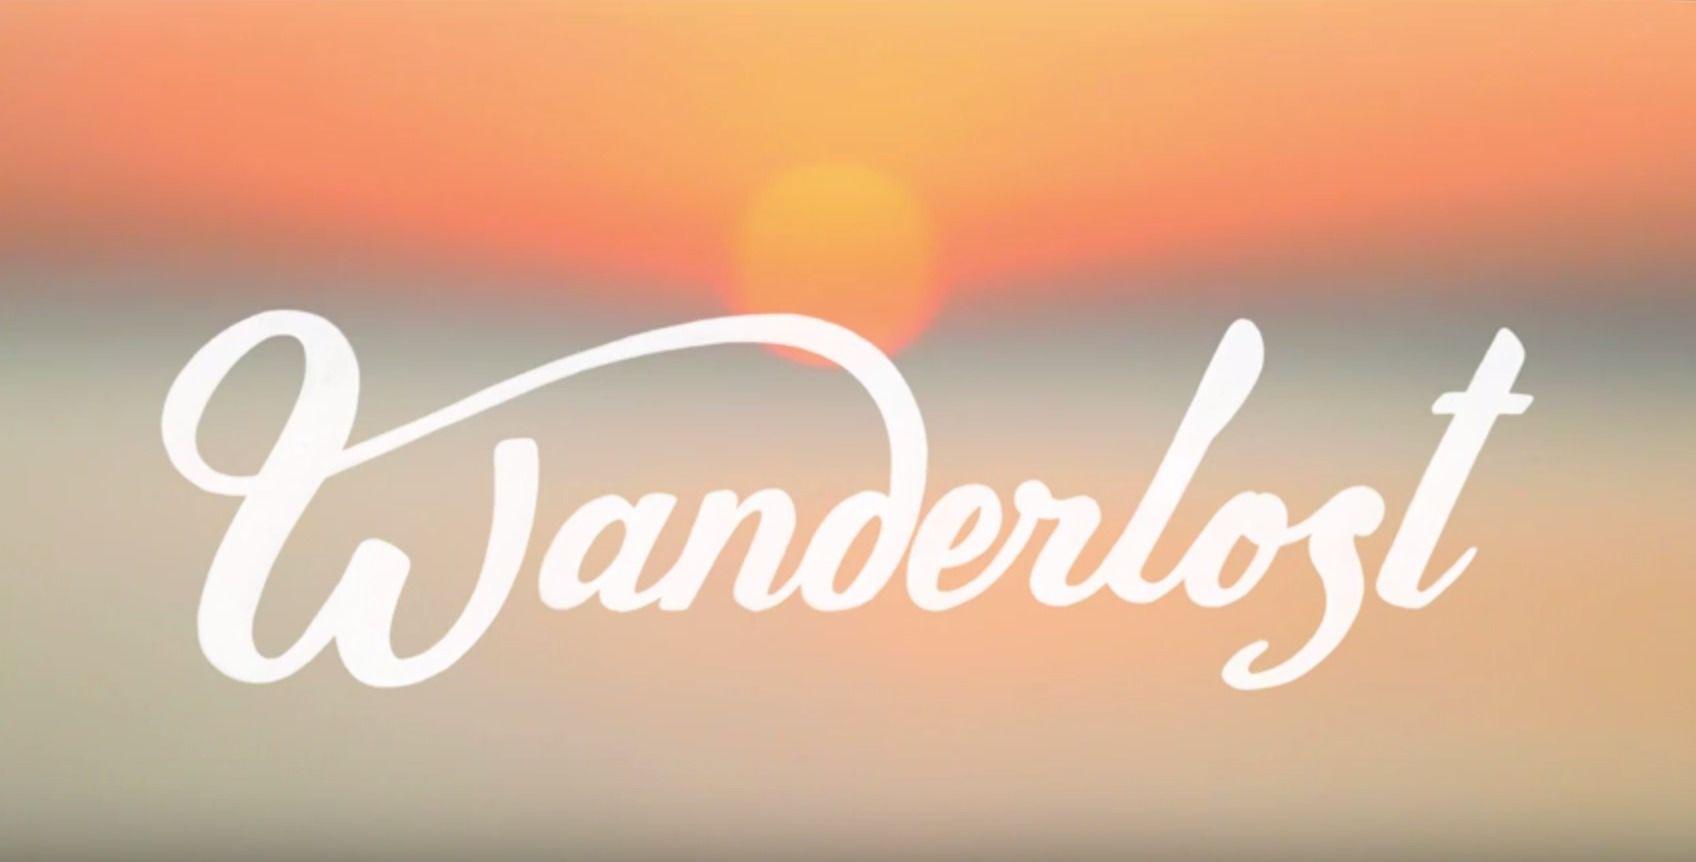 Le Ambasciatrici Loaded Boards Cindy Zhou e Jenna Russoci presentano l'ultimo short film realizzato in Australia, Wanderlust, come promemoria per perdersi nelle cose che amate. Dal perdersi …